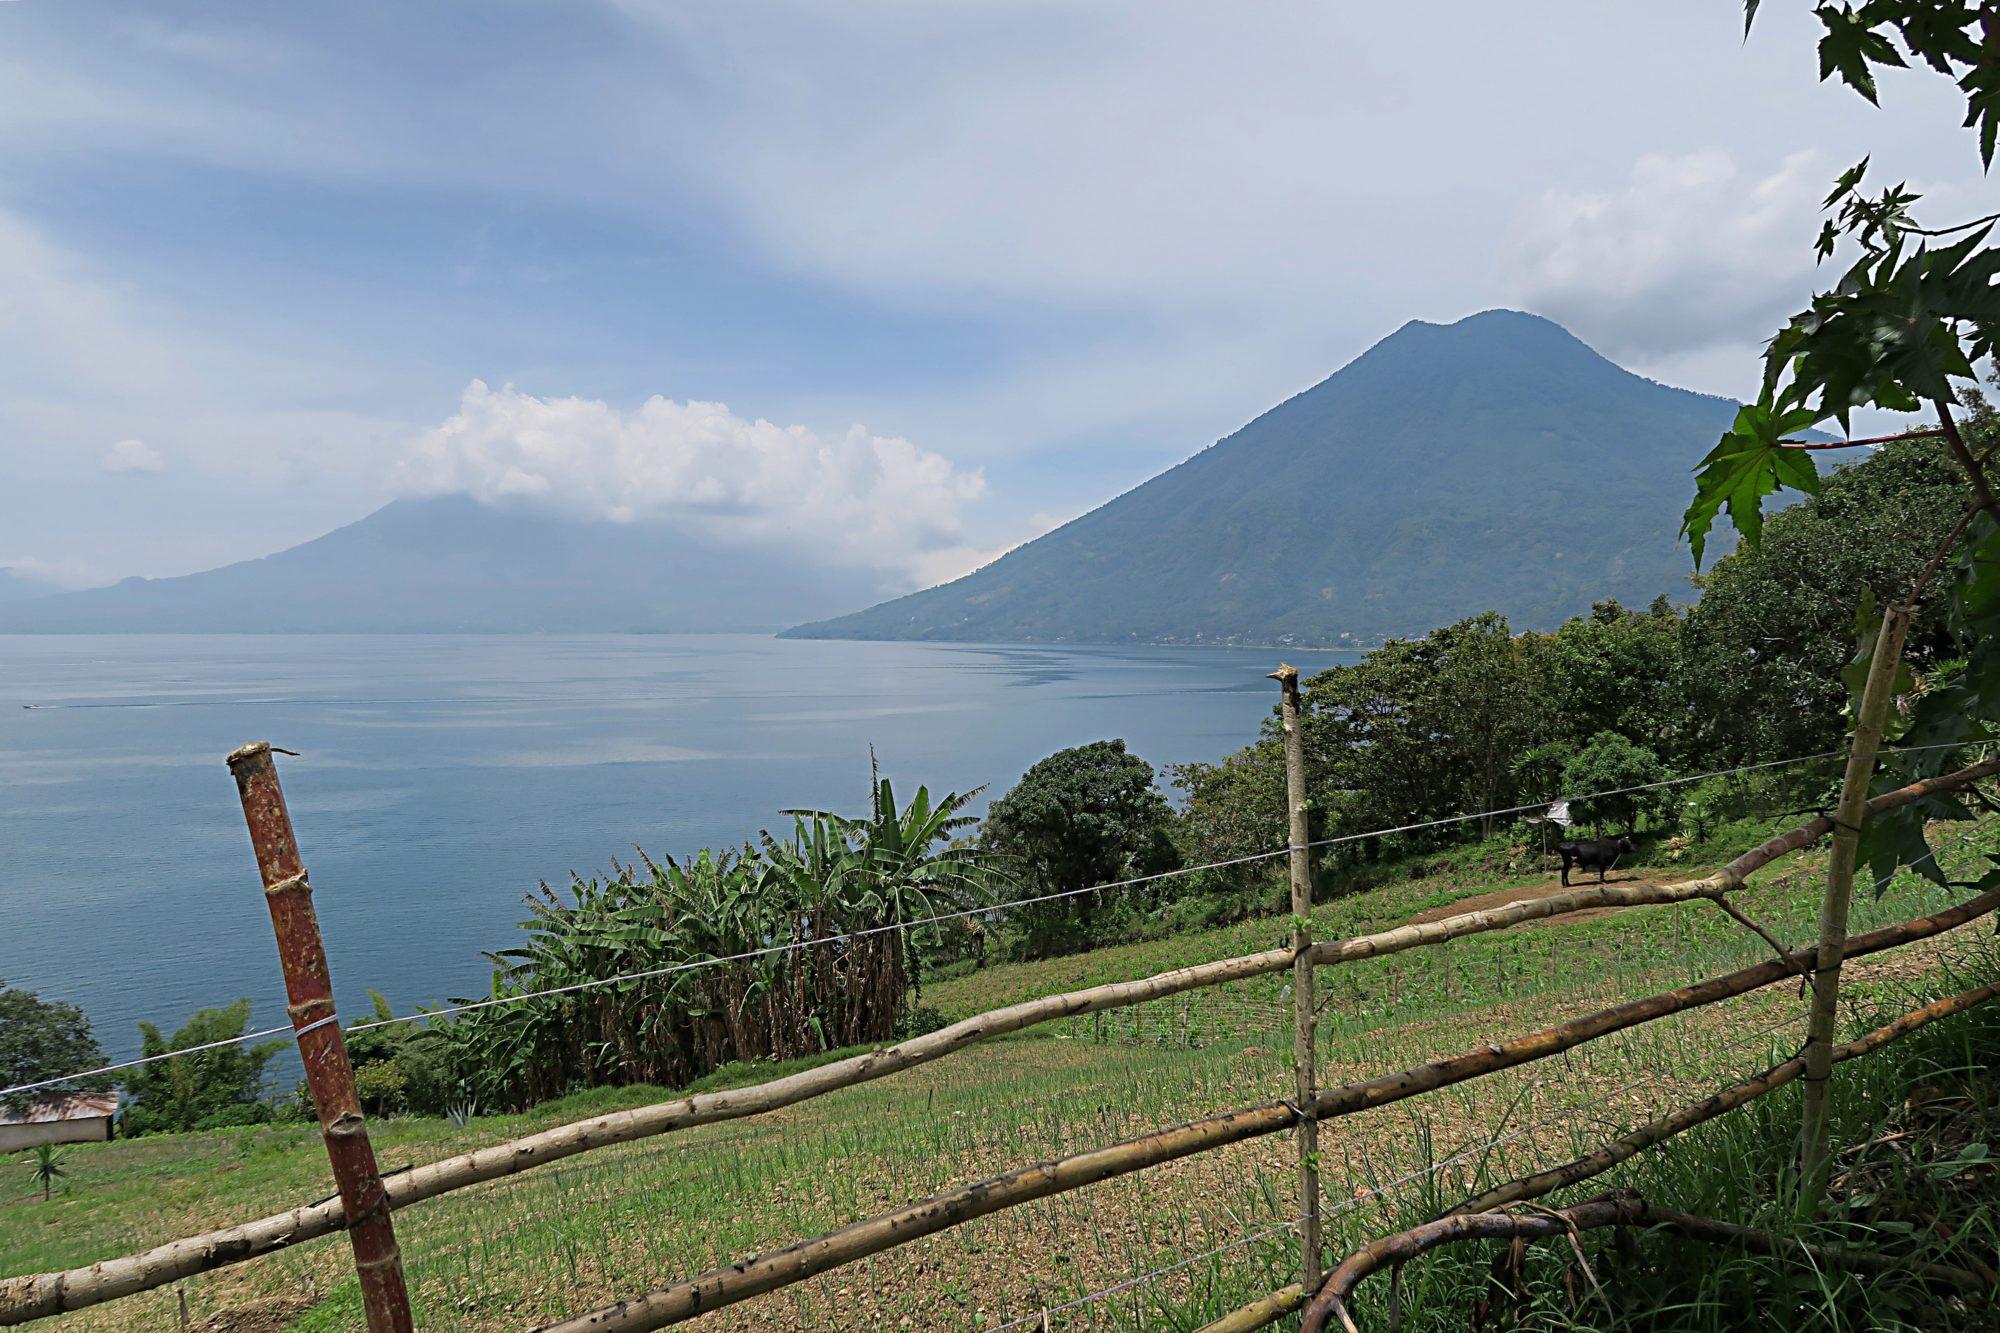 guatemala, jabailito, lago de atitlan